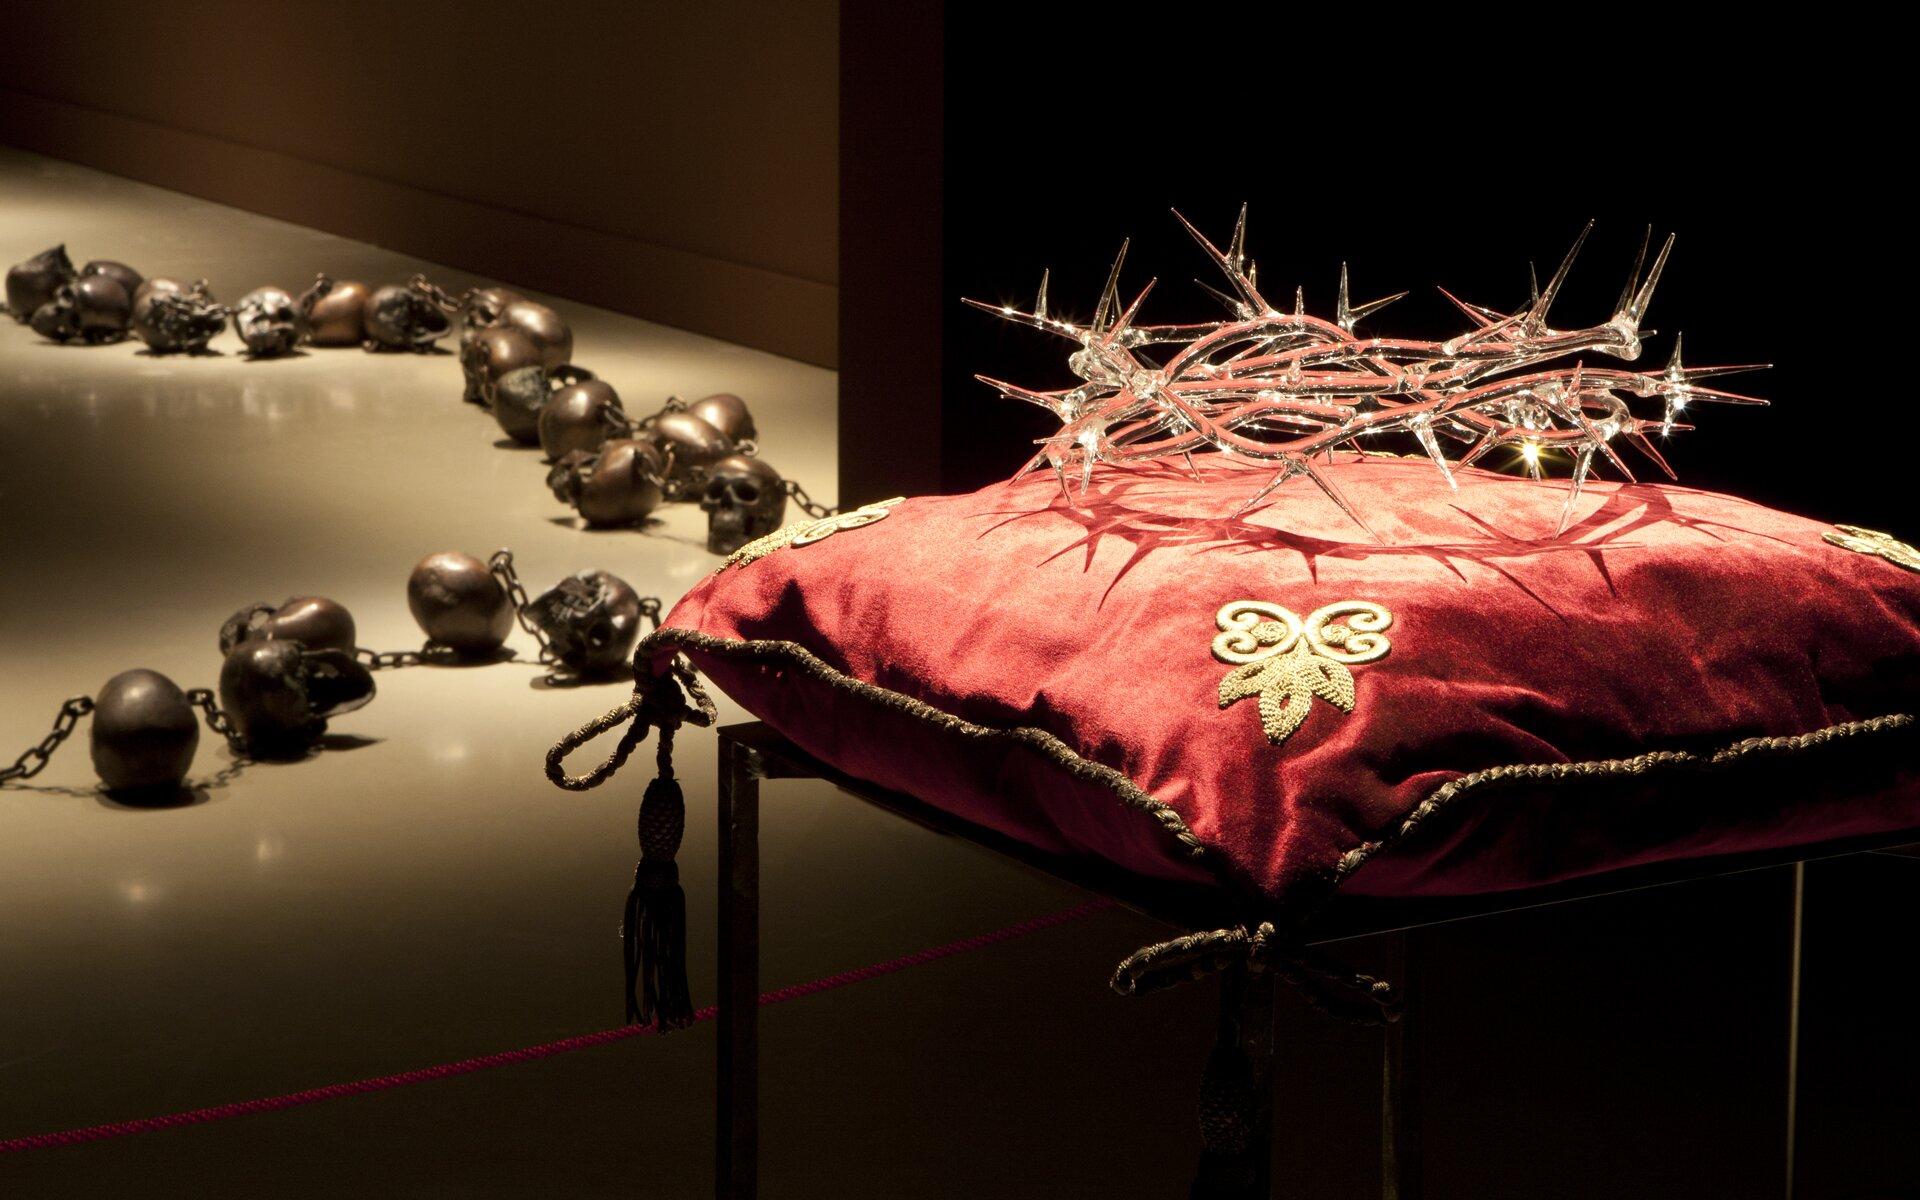 Rosario (Memento Mori); Corona (Korona) Źródło: Javier Pérez, Rosario (Memento Mori); Corona (Korona), 2008–2009; 2011, instalacja, patynowana na brąz żywica poliestrowa; instalacja, szkło zMurano, tkanina, stal, Museu de Montserrat, Barcelona, licencja: CC BY-SA 3.0.